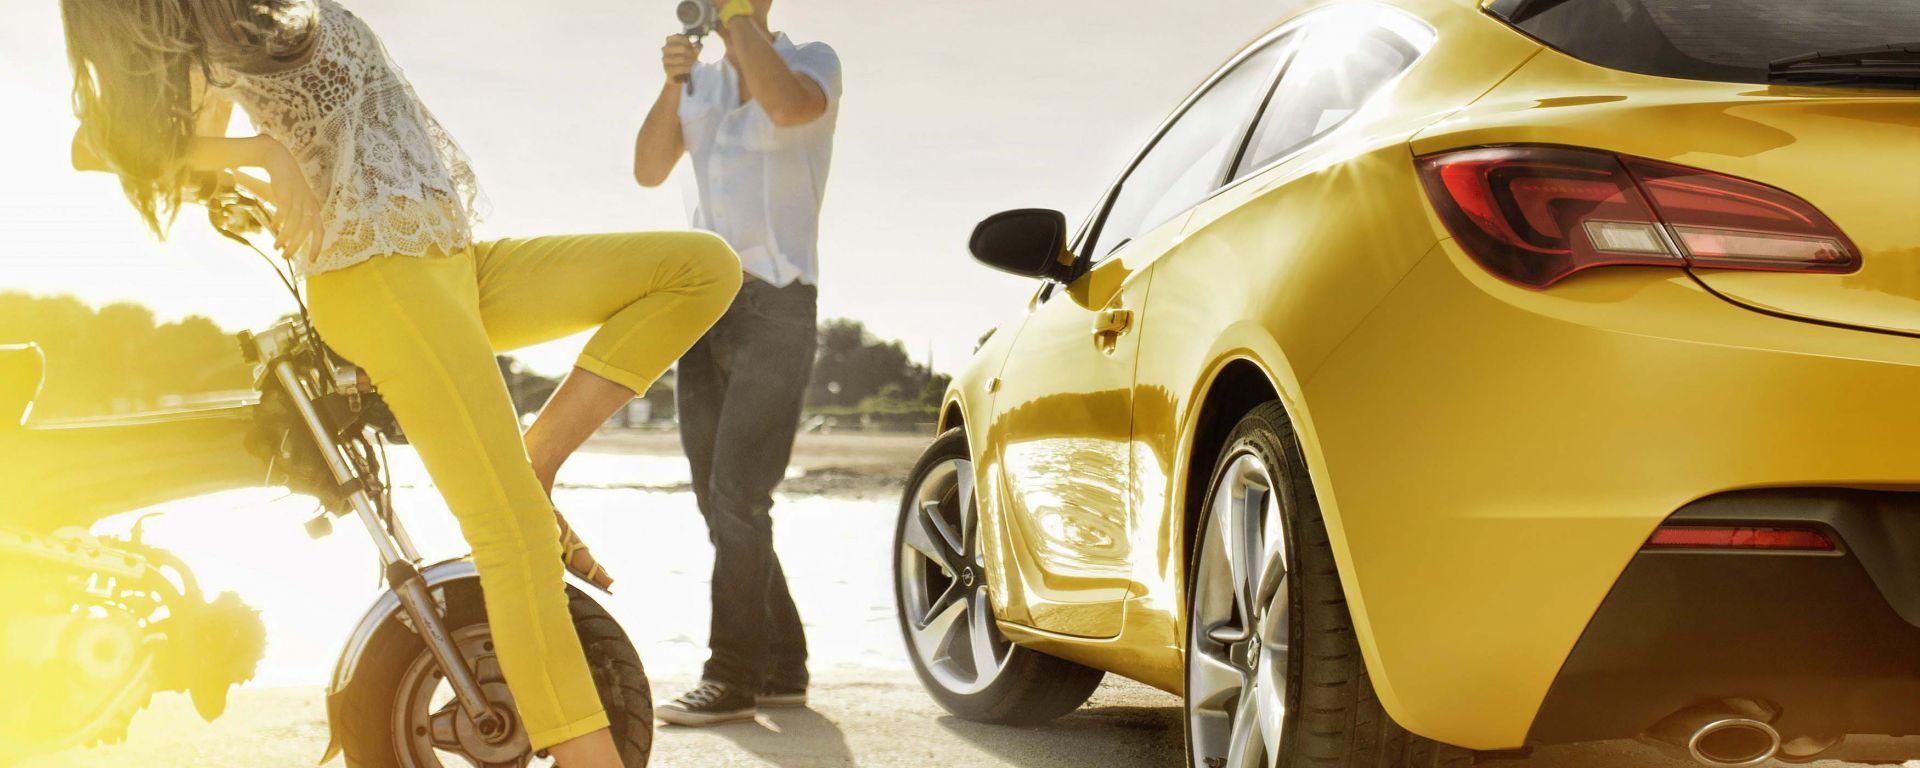 Opel Astra GTC in dettaglio